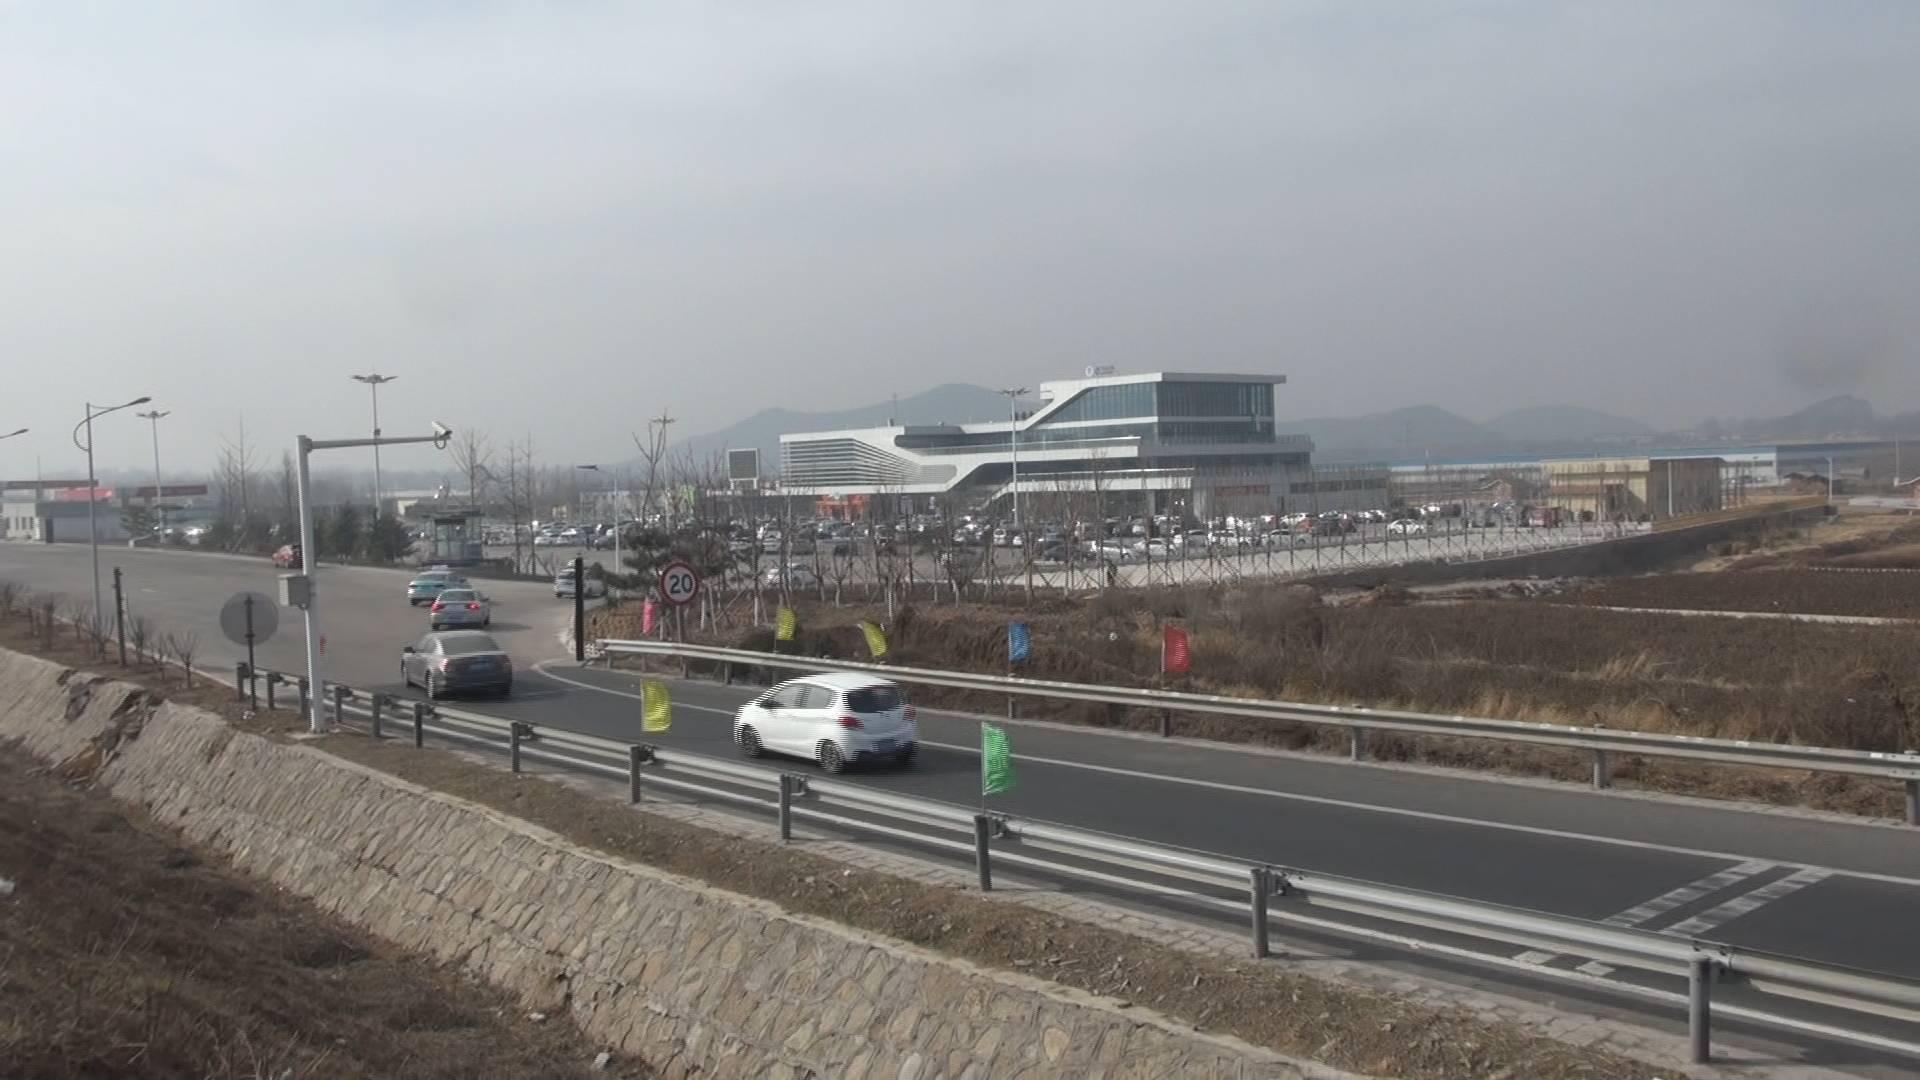 山东省高速公路通行秩序良好 渤海海峡省际航线下午两点恢复通航